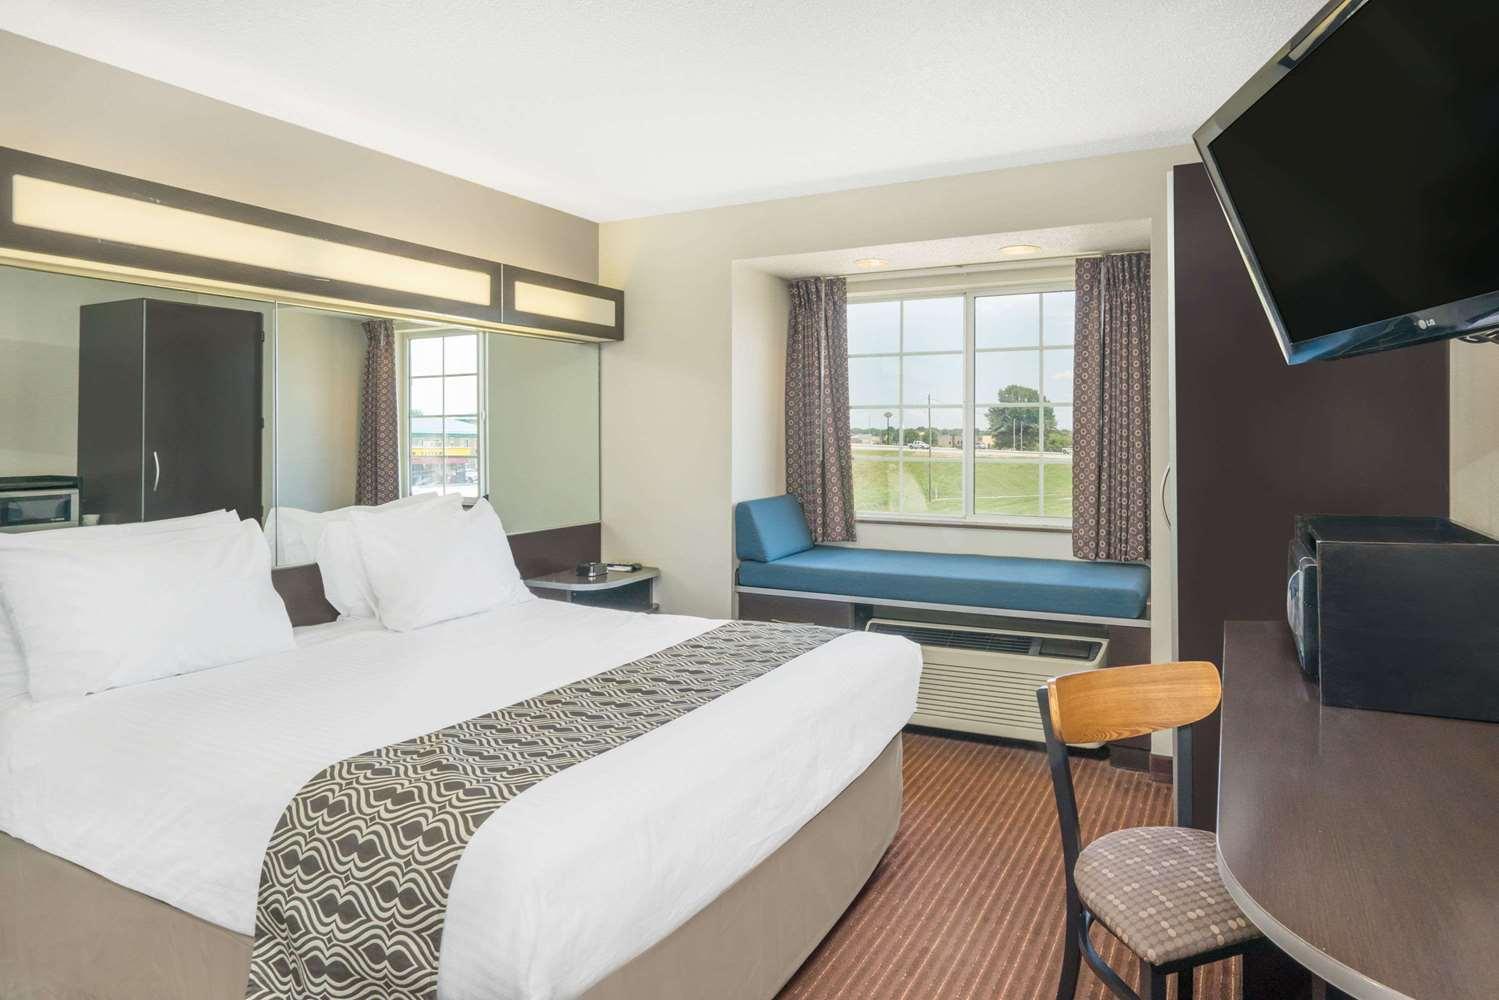 Room - Microtel Inn by Wyndham Bowling Green